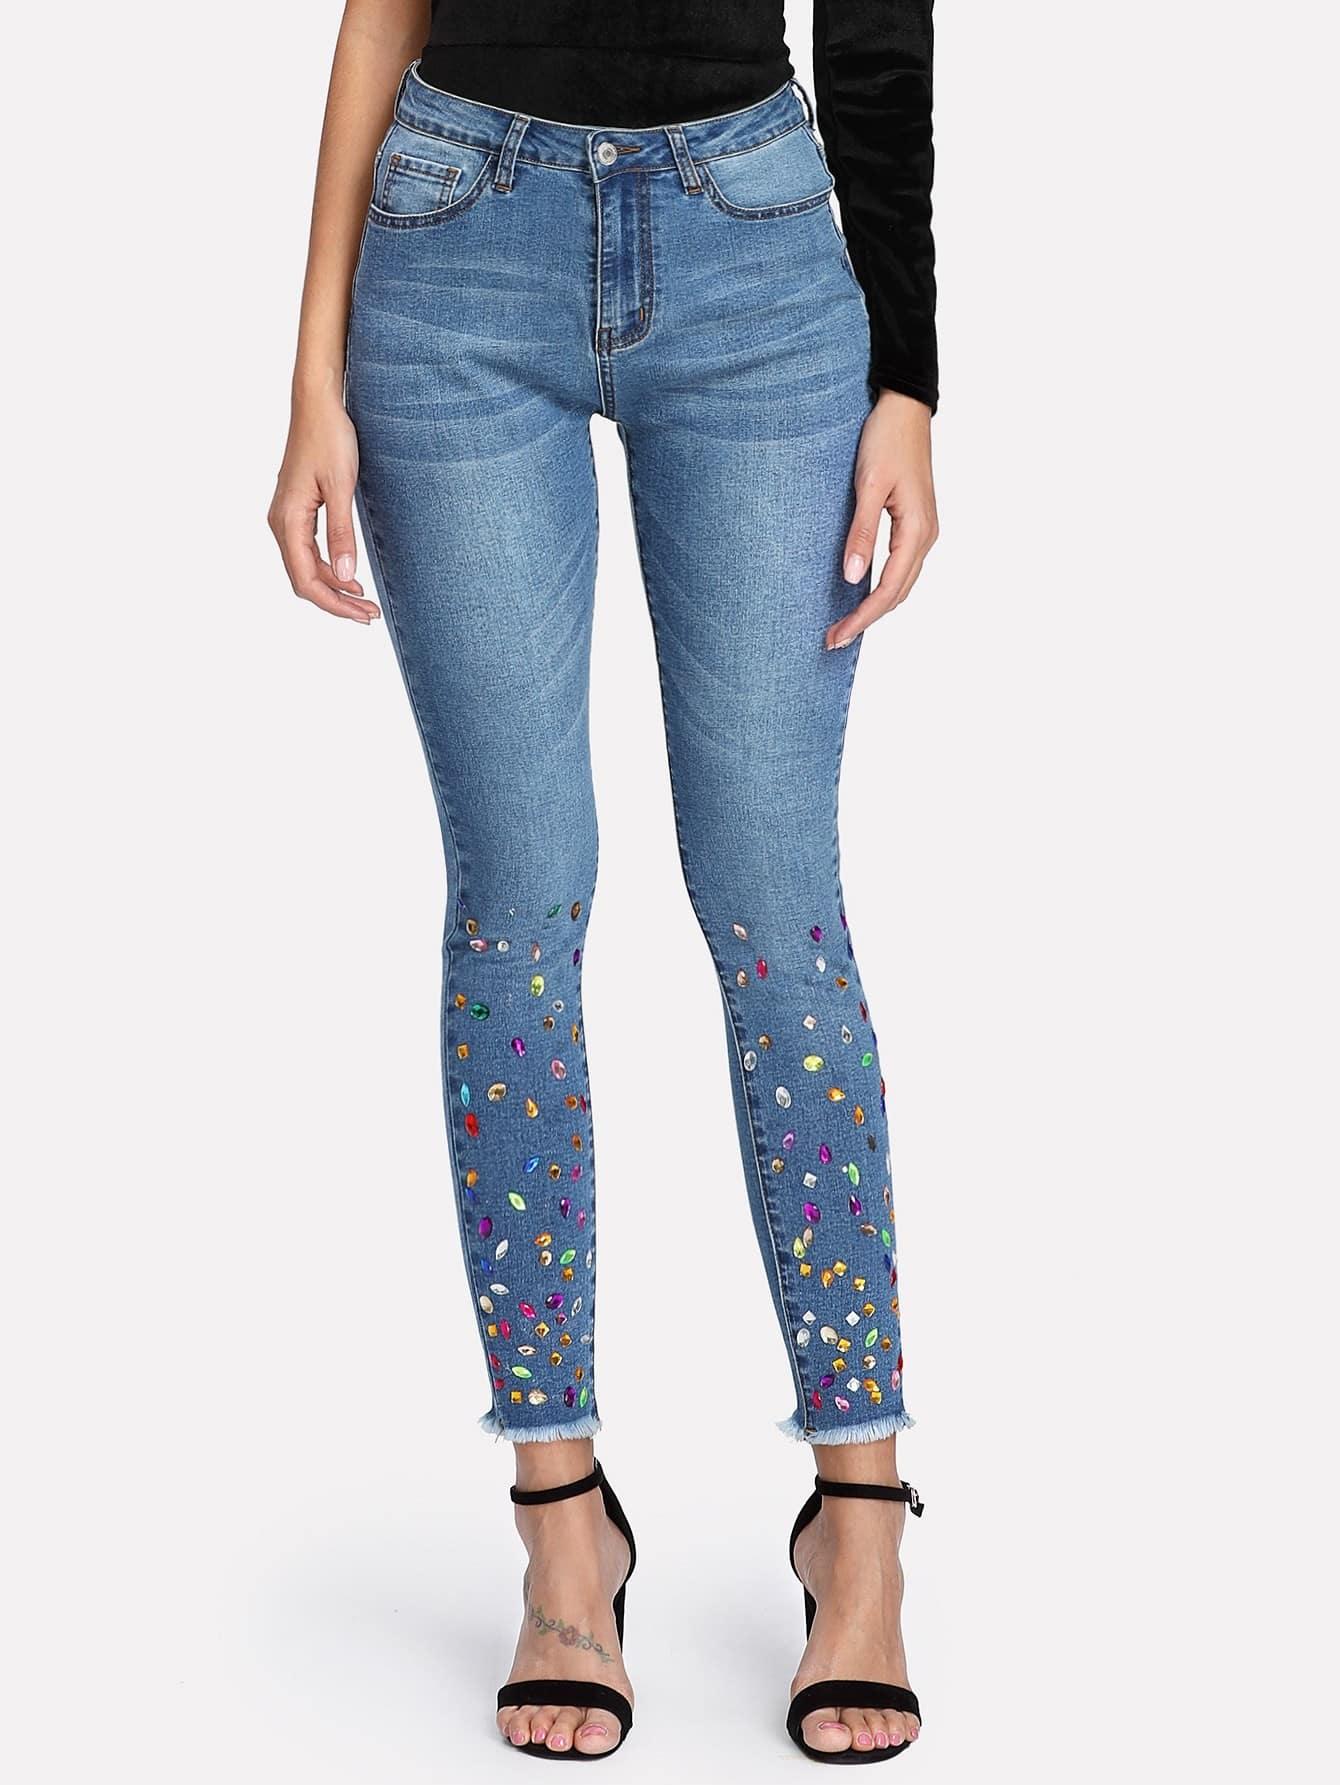 Rhinestone Detail Raw Hem Jeans